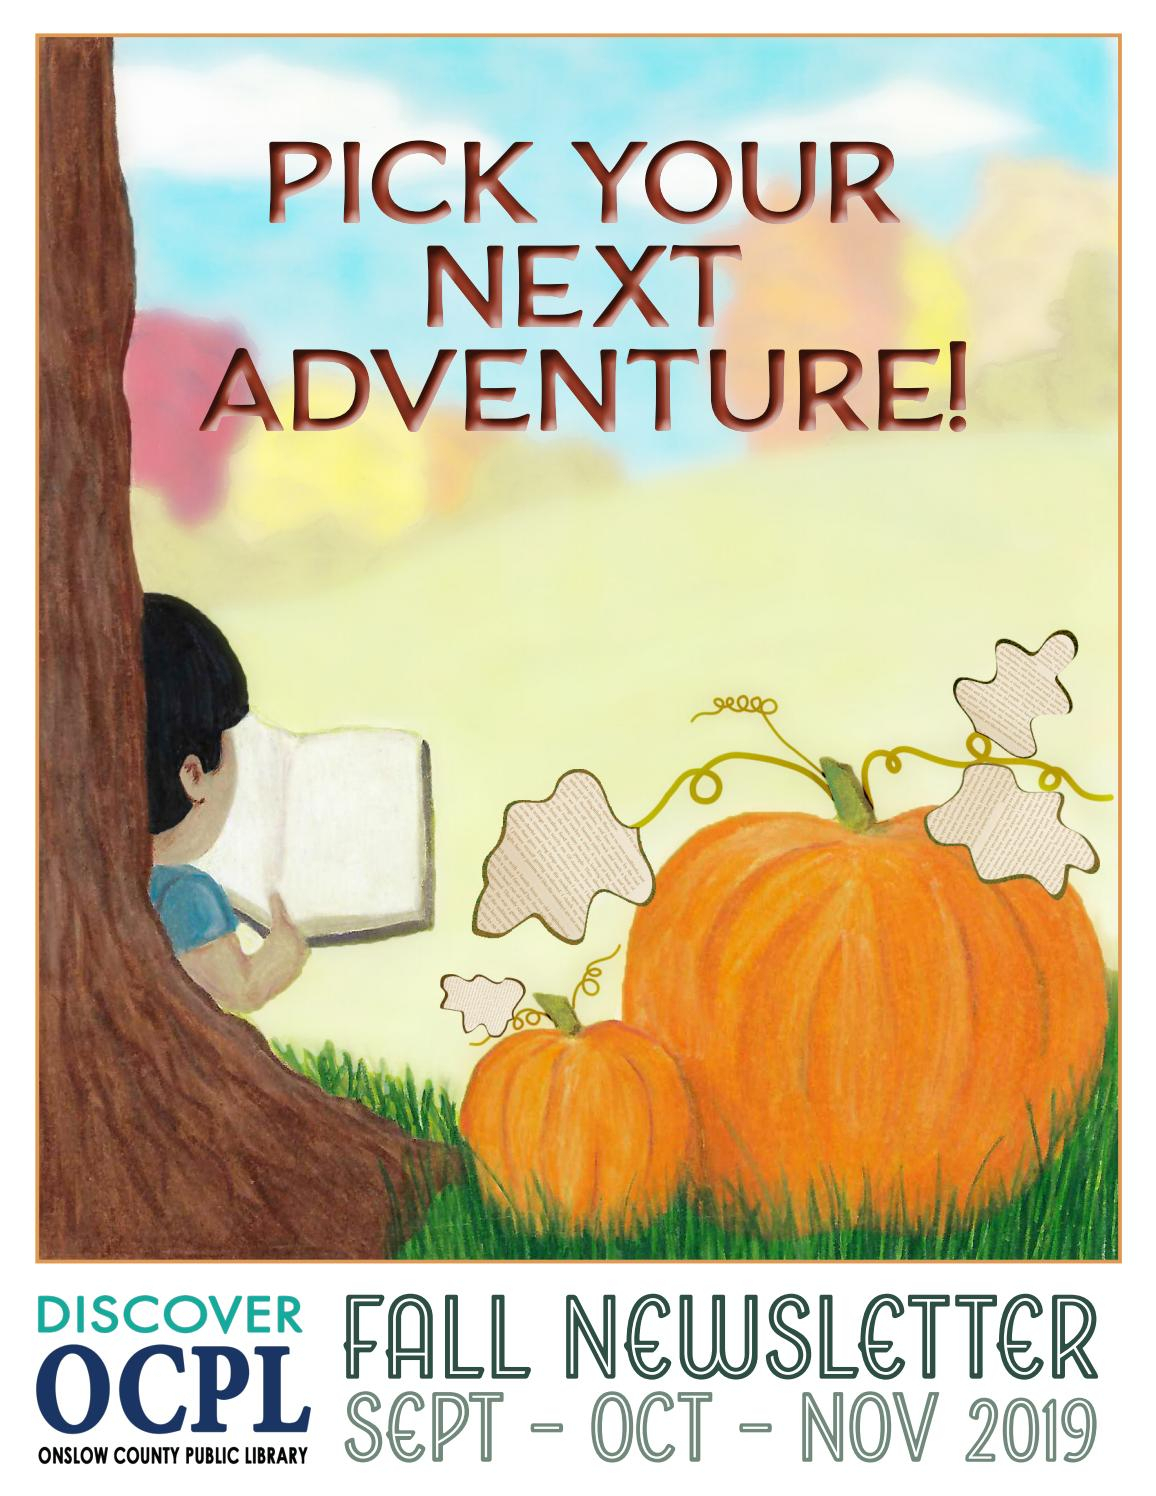 Ocpl Fall 2019 Newsletter (September - November)Ocpl - Issuu